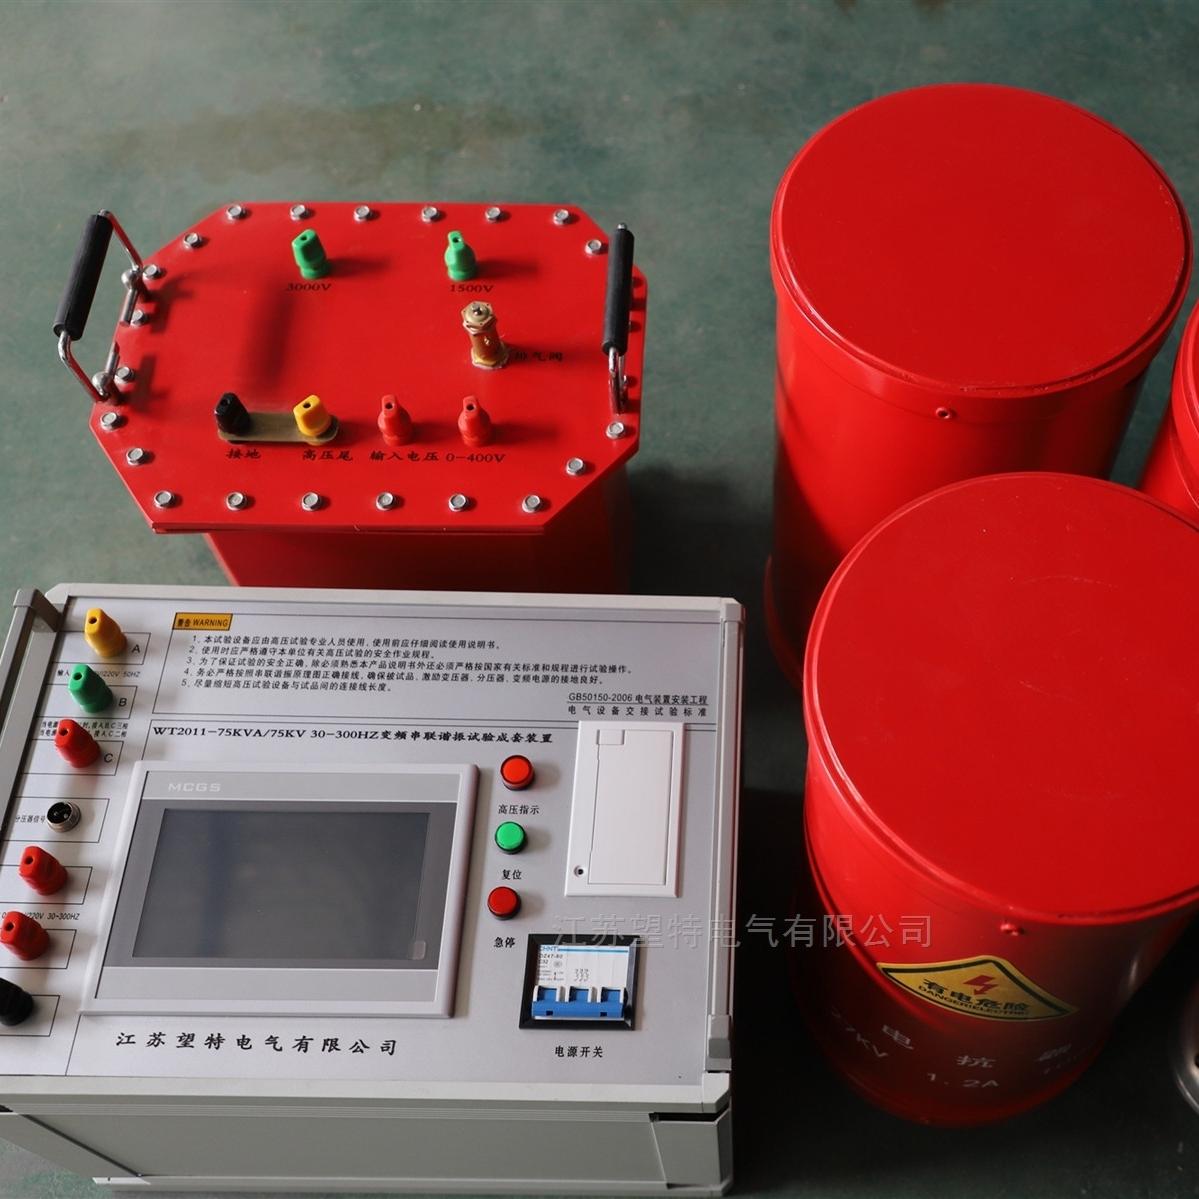 武汉变频串联谐振成套试验装置